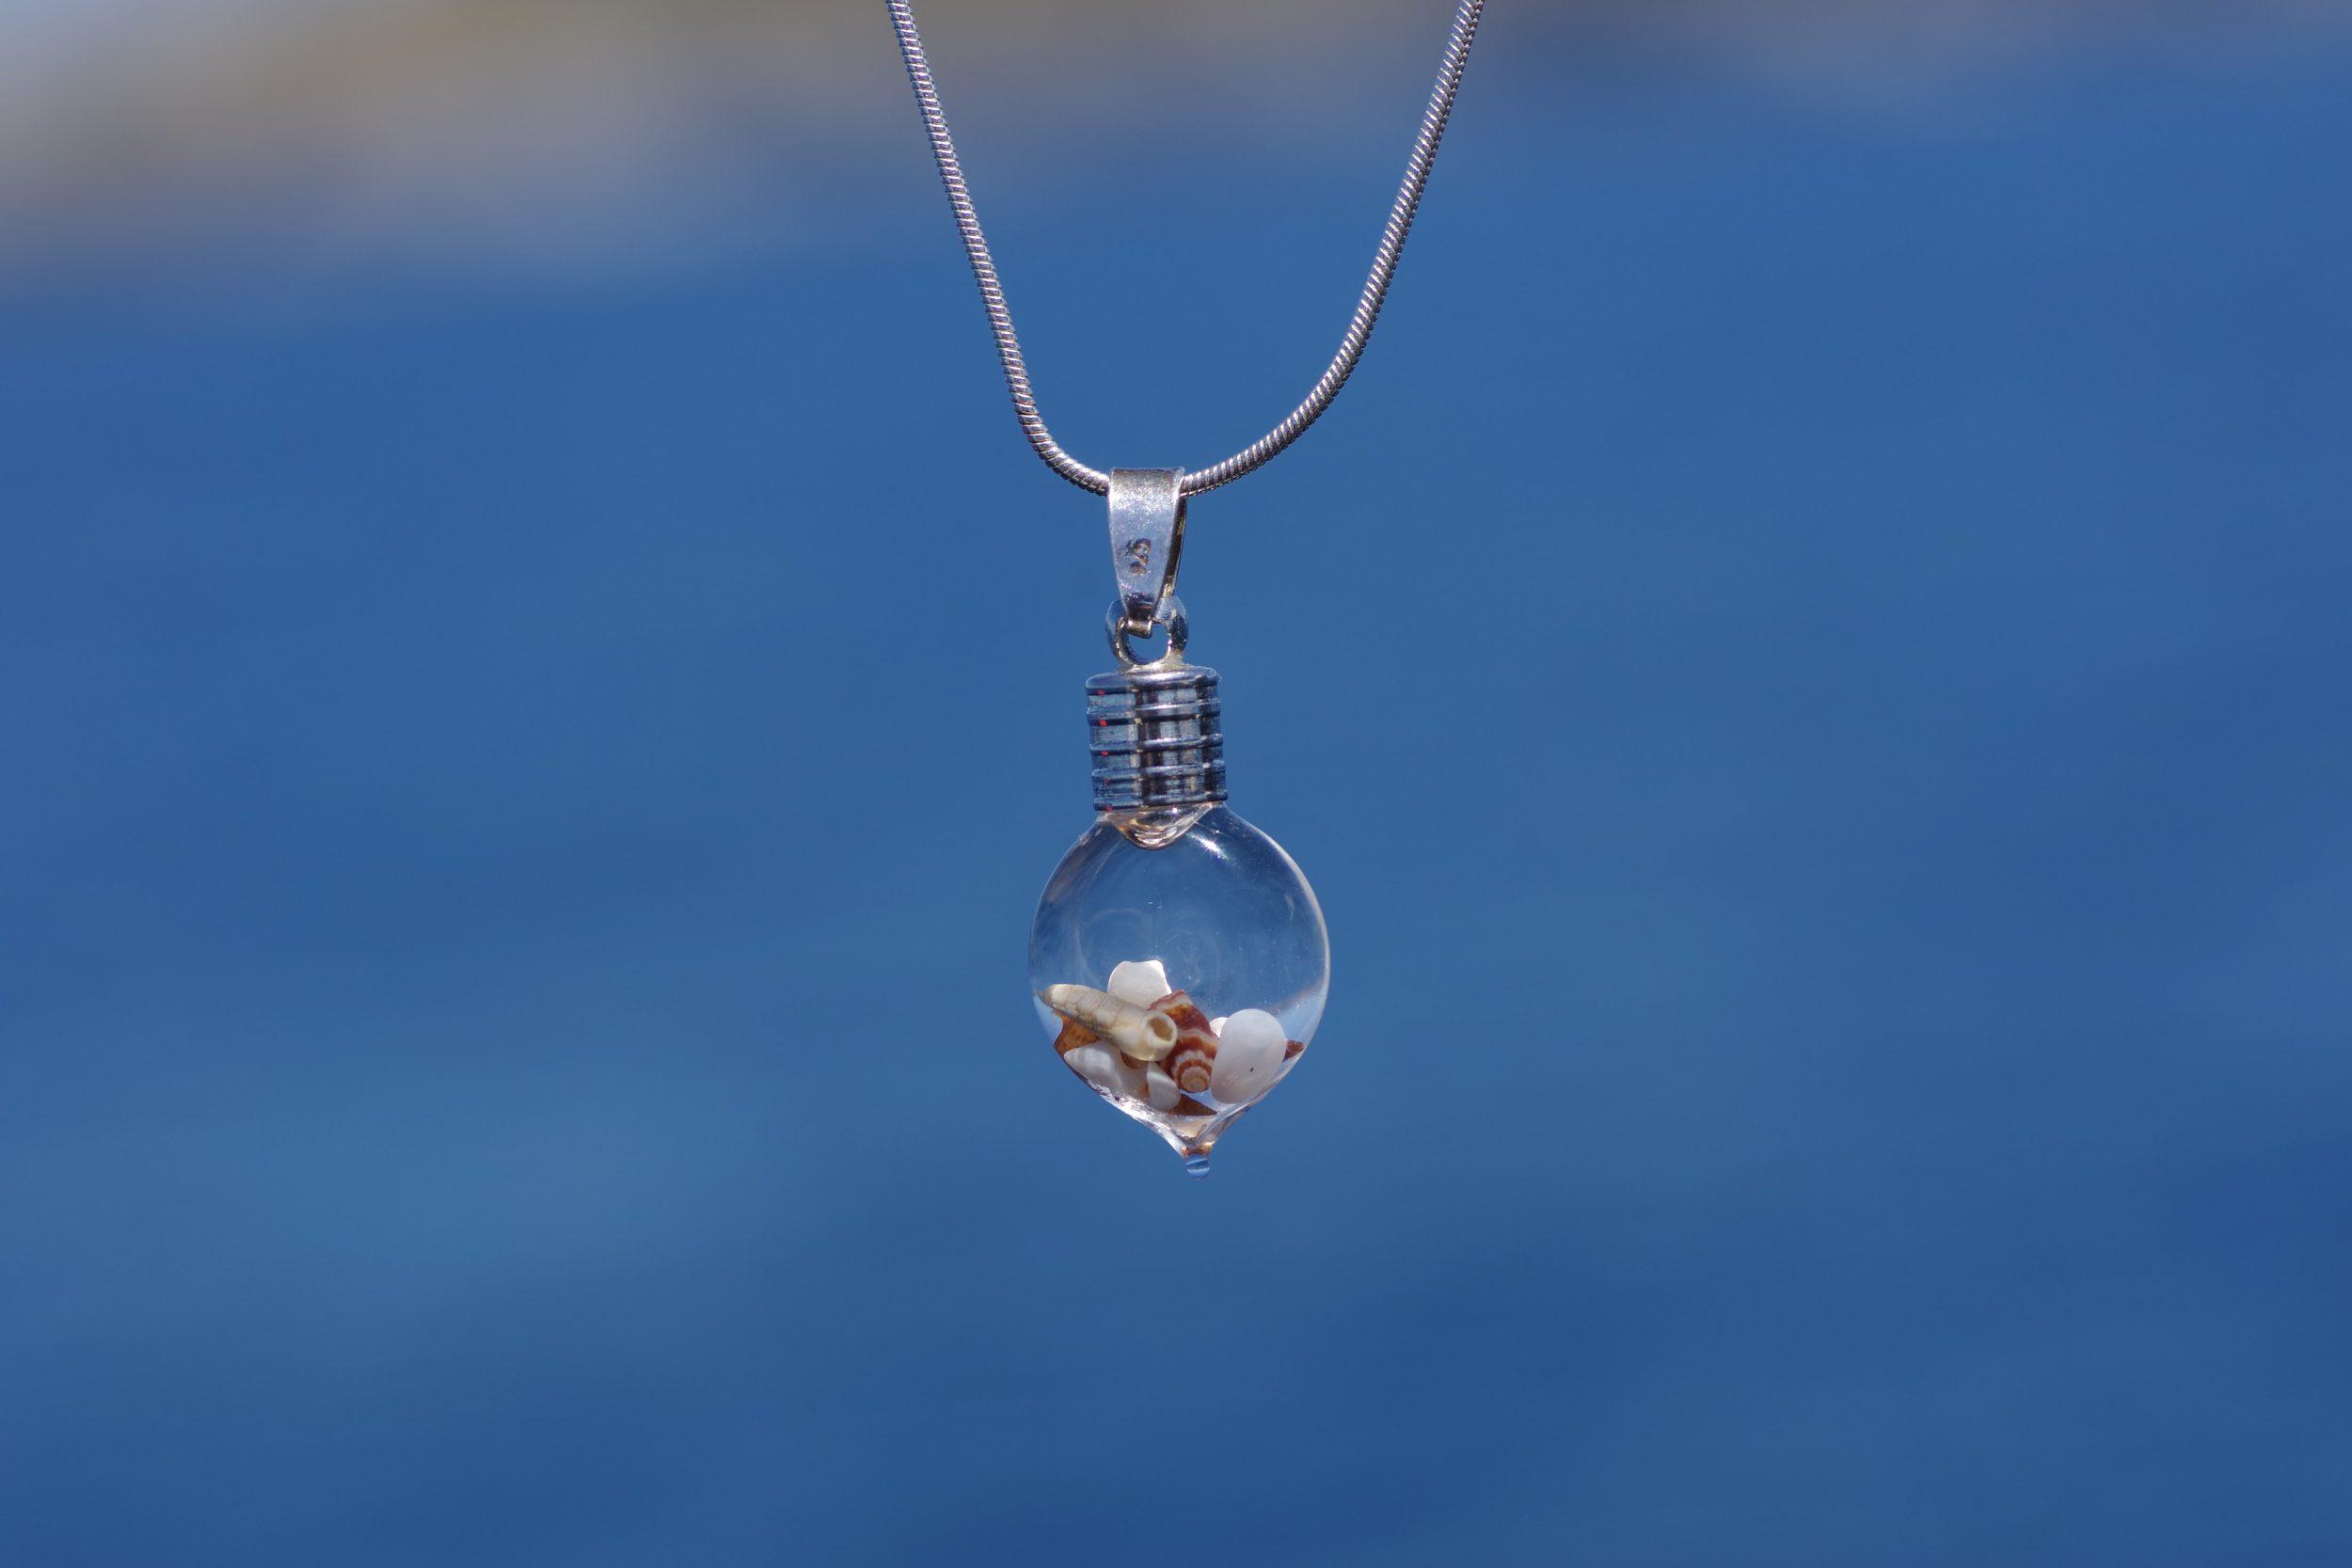 pendentif fiole de coquillages beiges sur une chaîne en argent fine style serpent. La fiole contient des coquillages blancs et beige et de l'eau